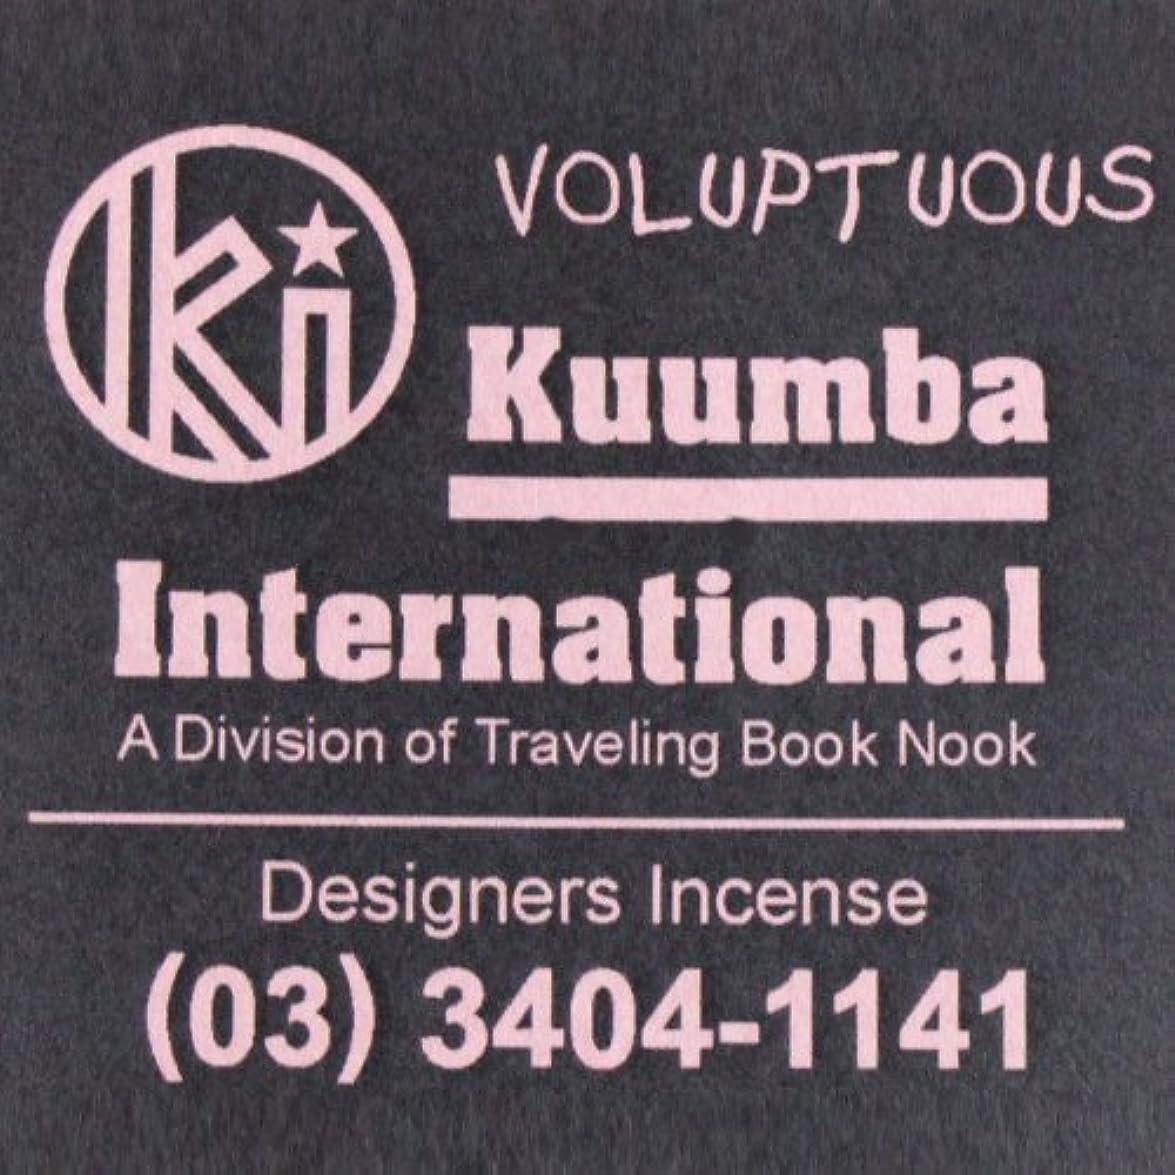 ゆるく用心深い健全KUUMBA (クンバ)『incense』(VOLUPTUOUS) (Regular size)